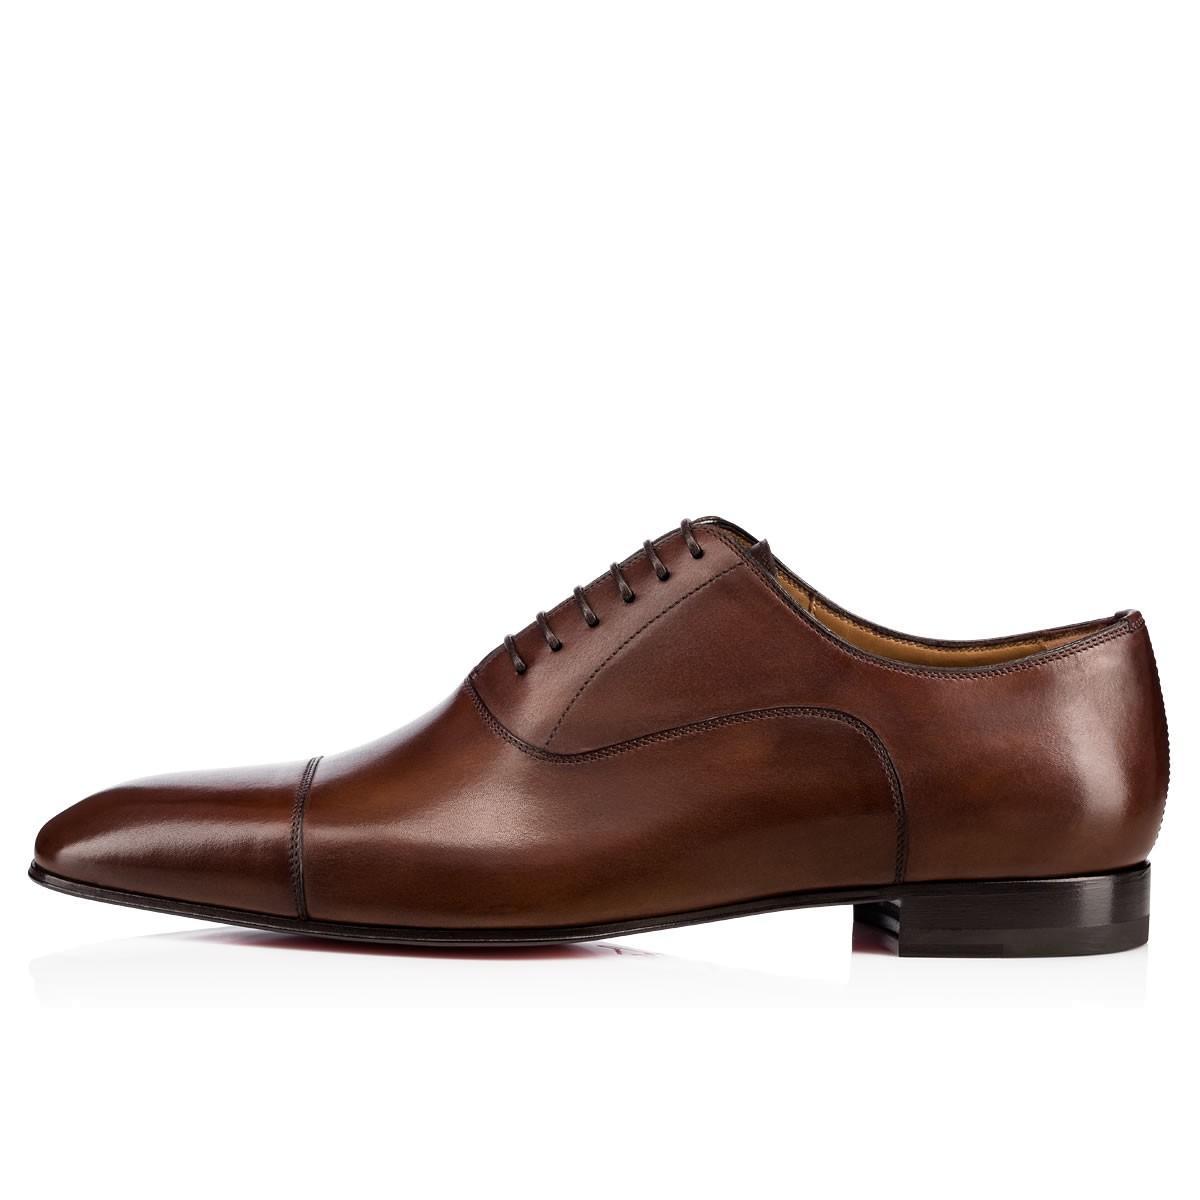 Christian Louboutin Greggo Flat Leather Balmorals In Brown